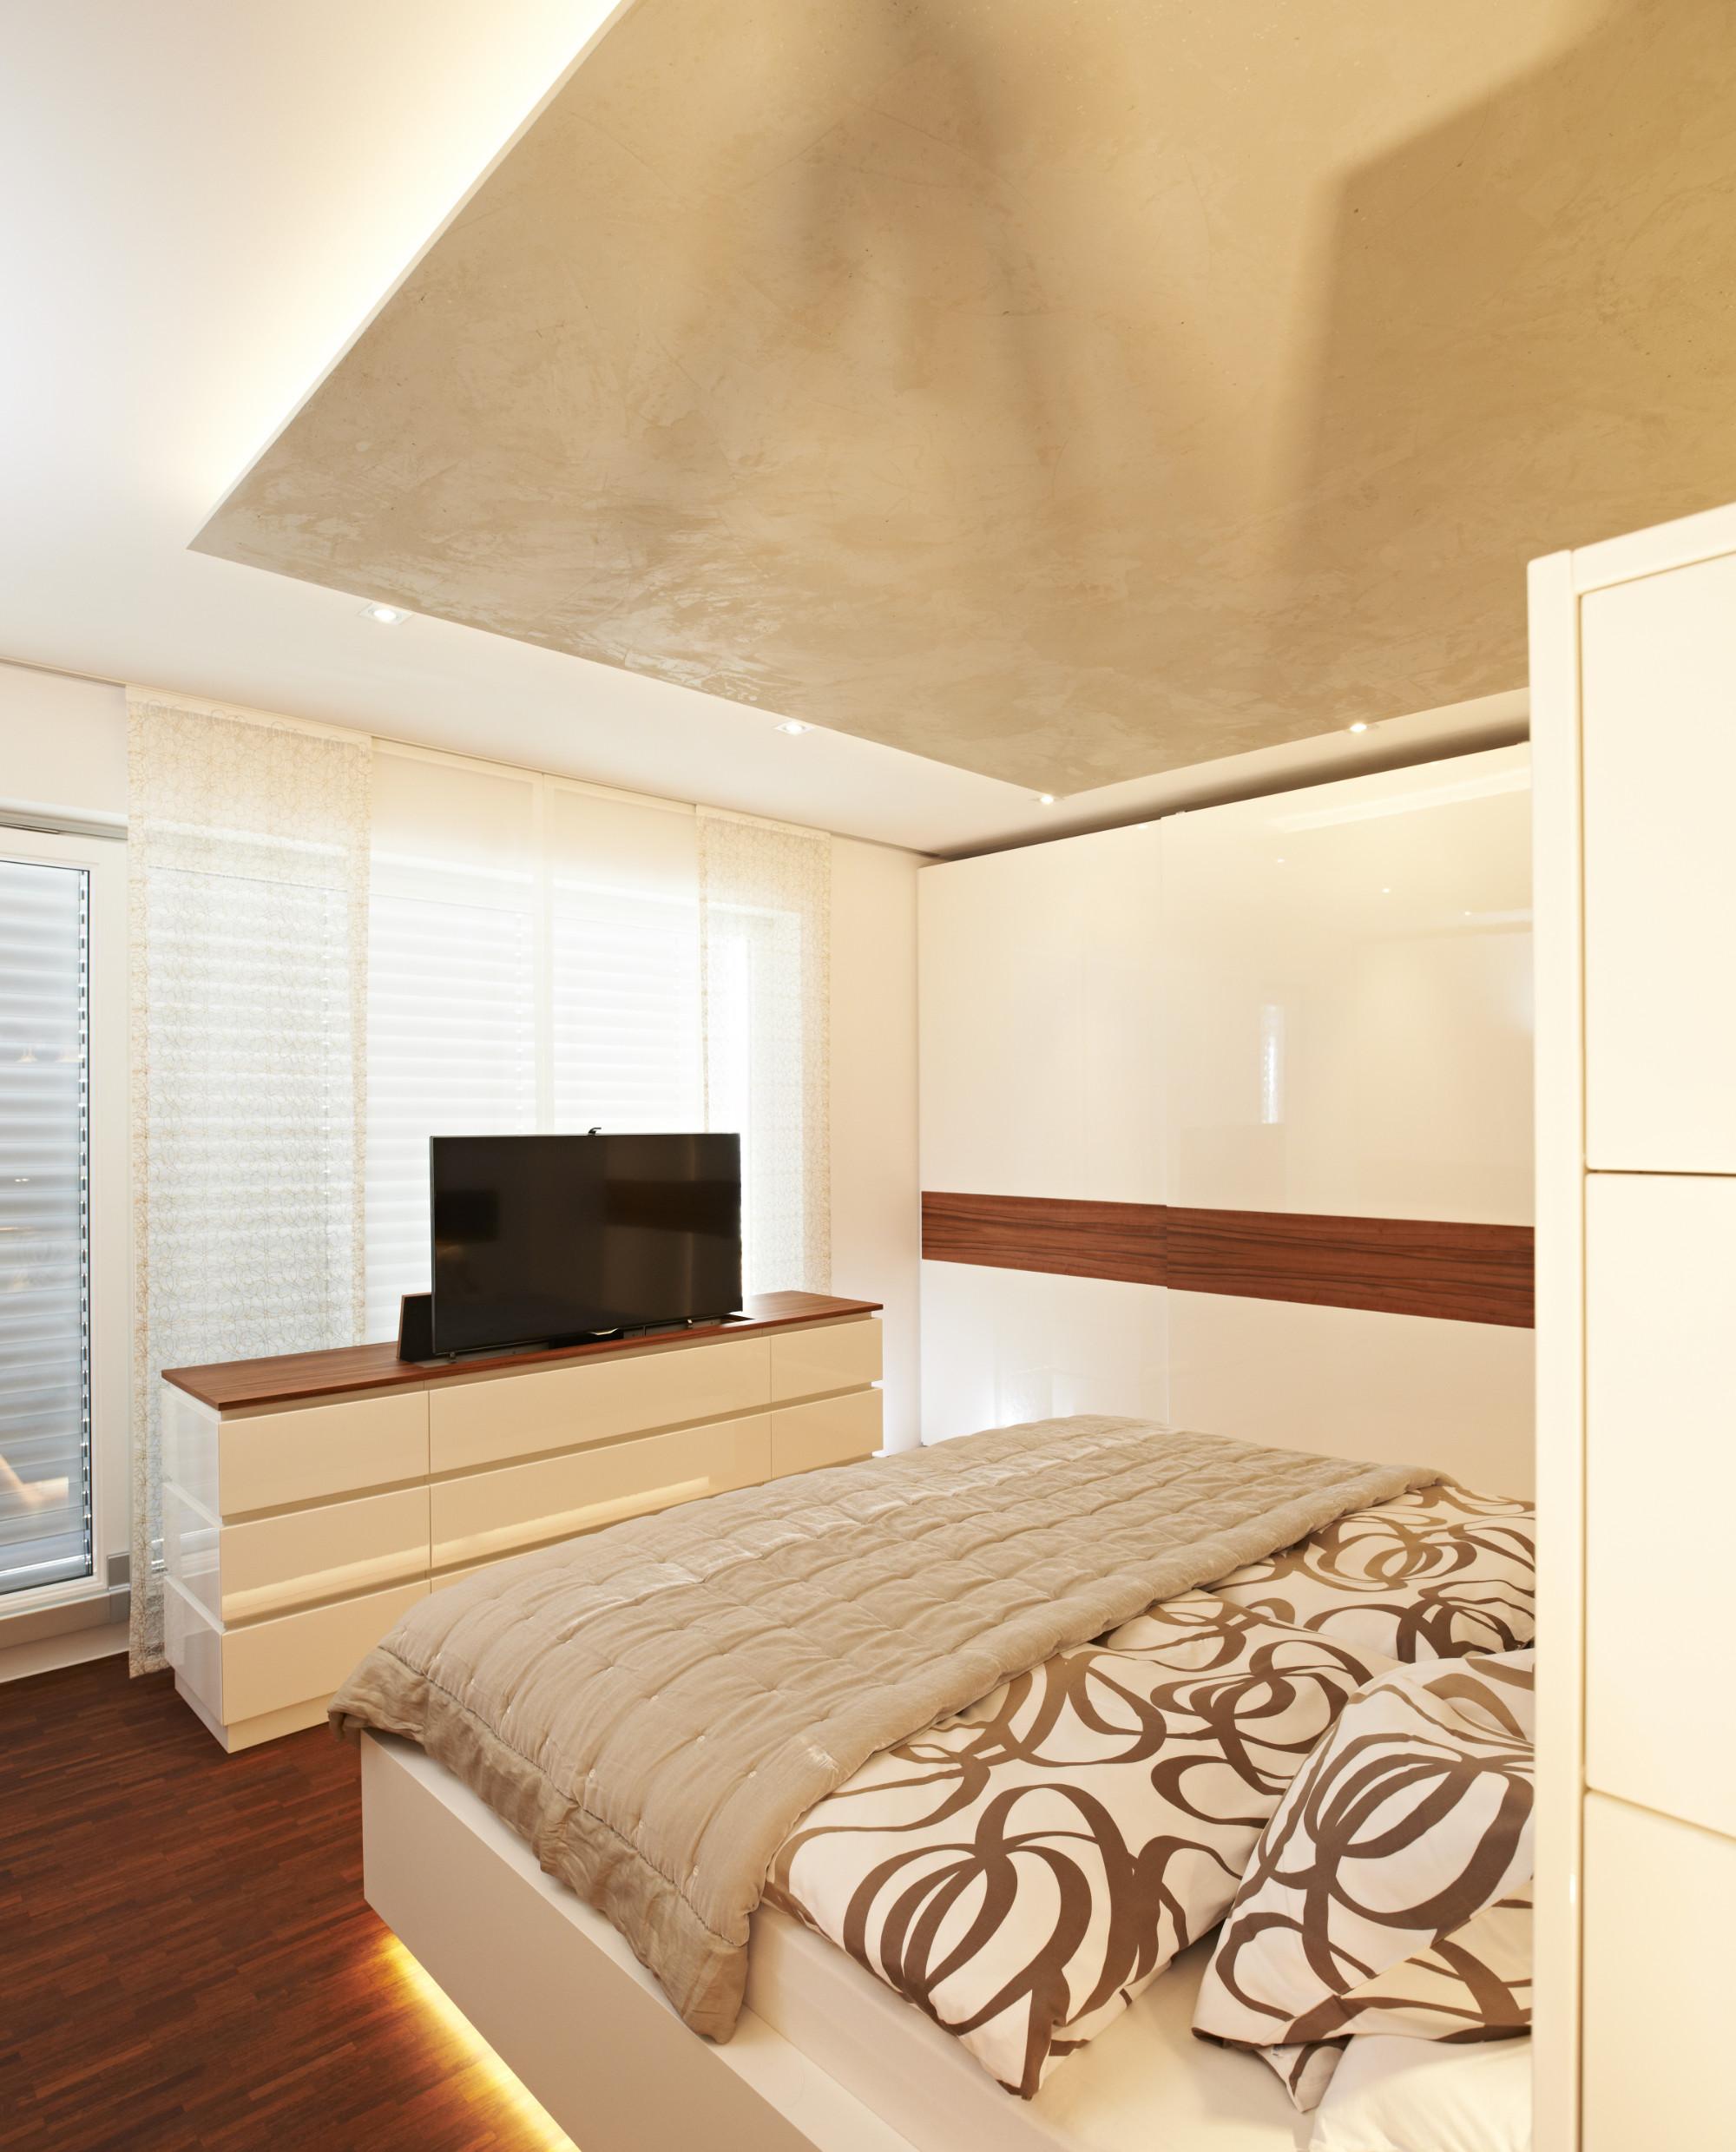 Decke Indirekte Beleuchtung Schlafzimmer Caseconrad Com